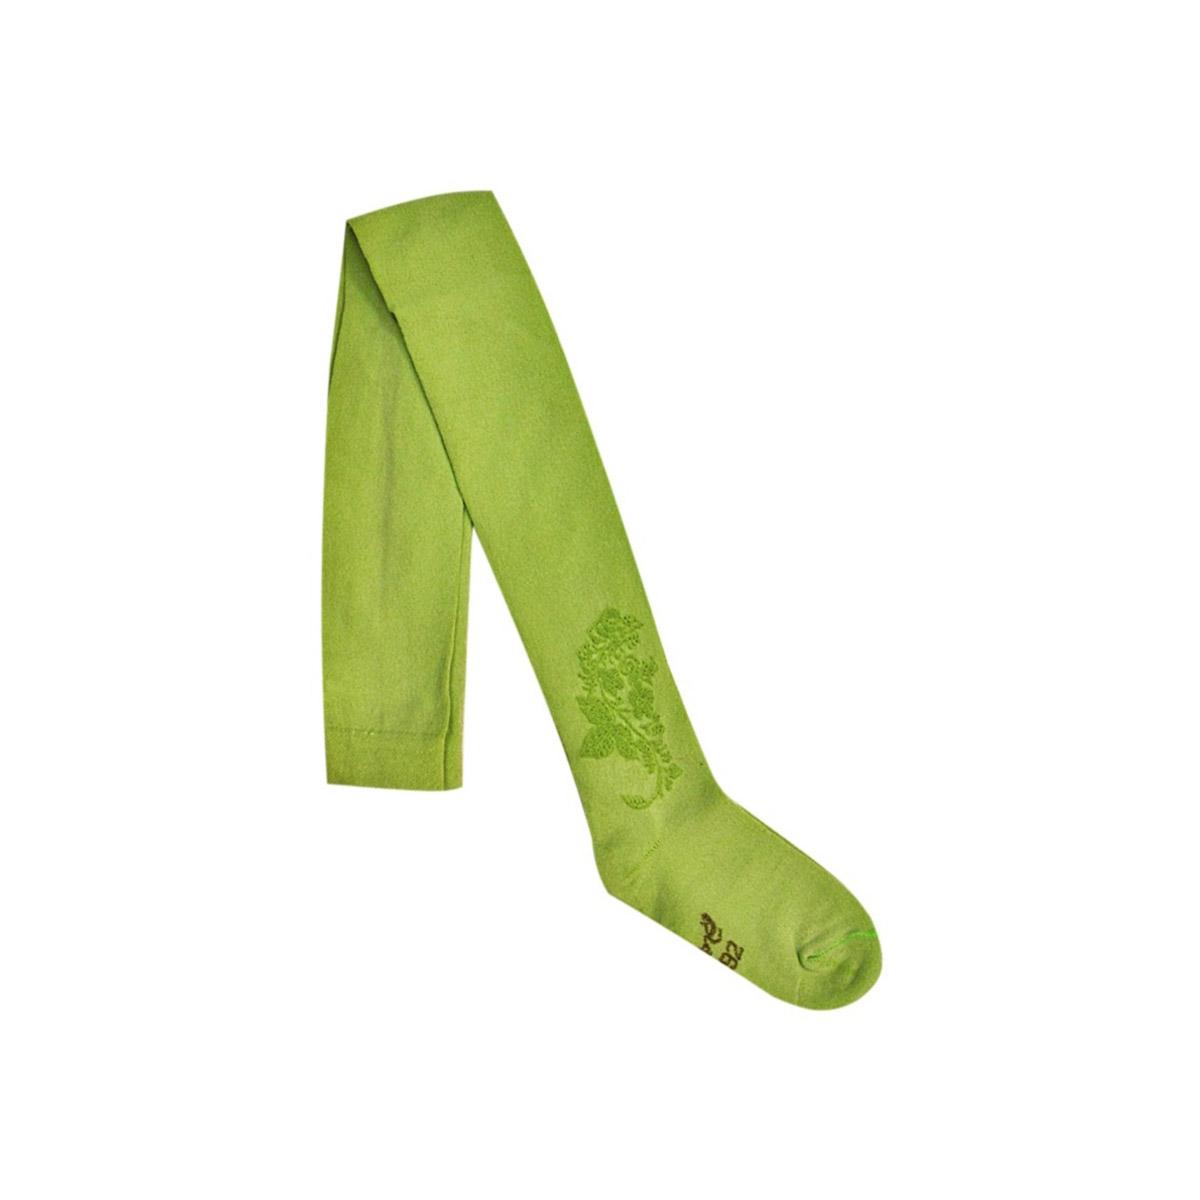 Колготки однотонные Ёмаё с ажурным рисунком рост 74-80 светло зеленый<br>